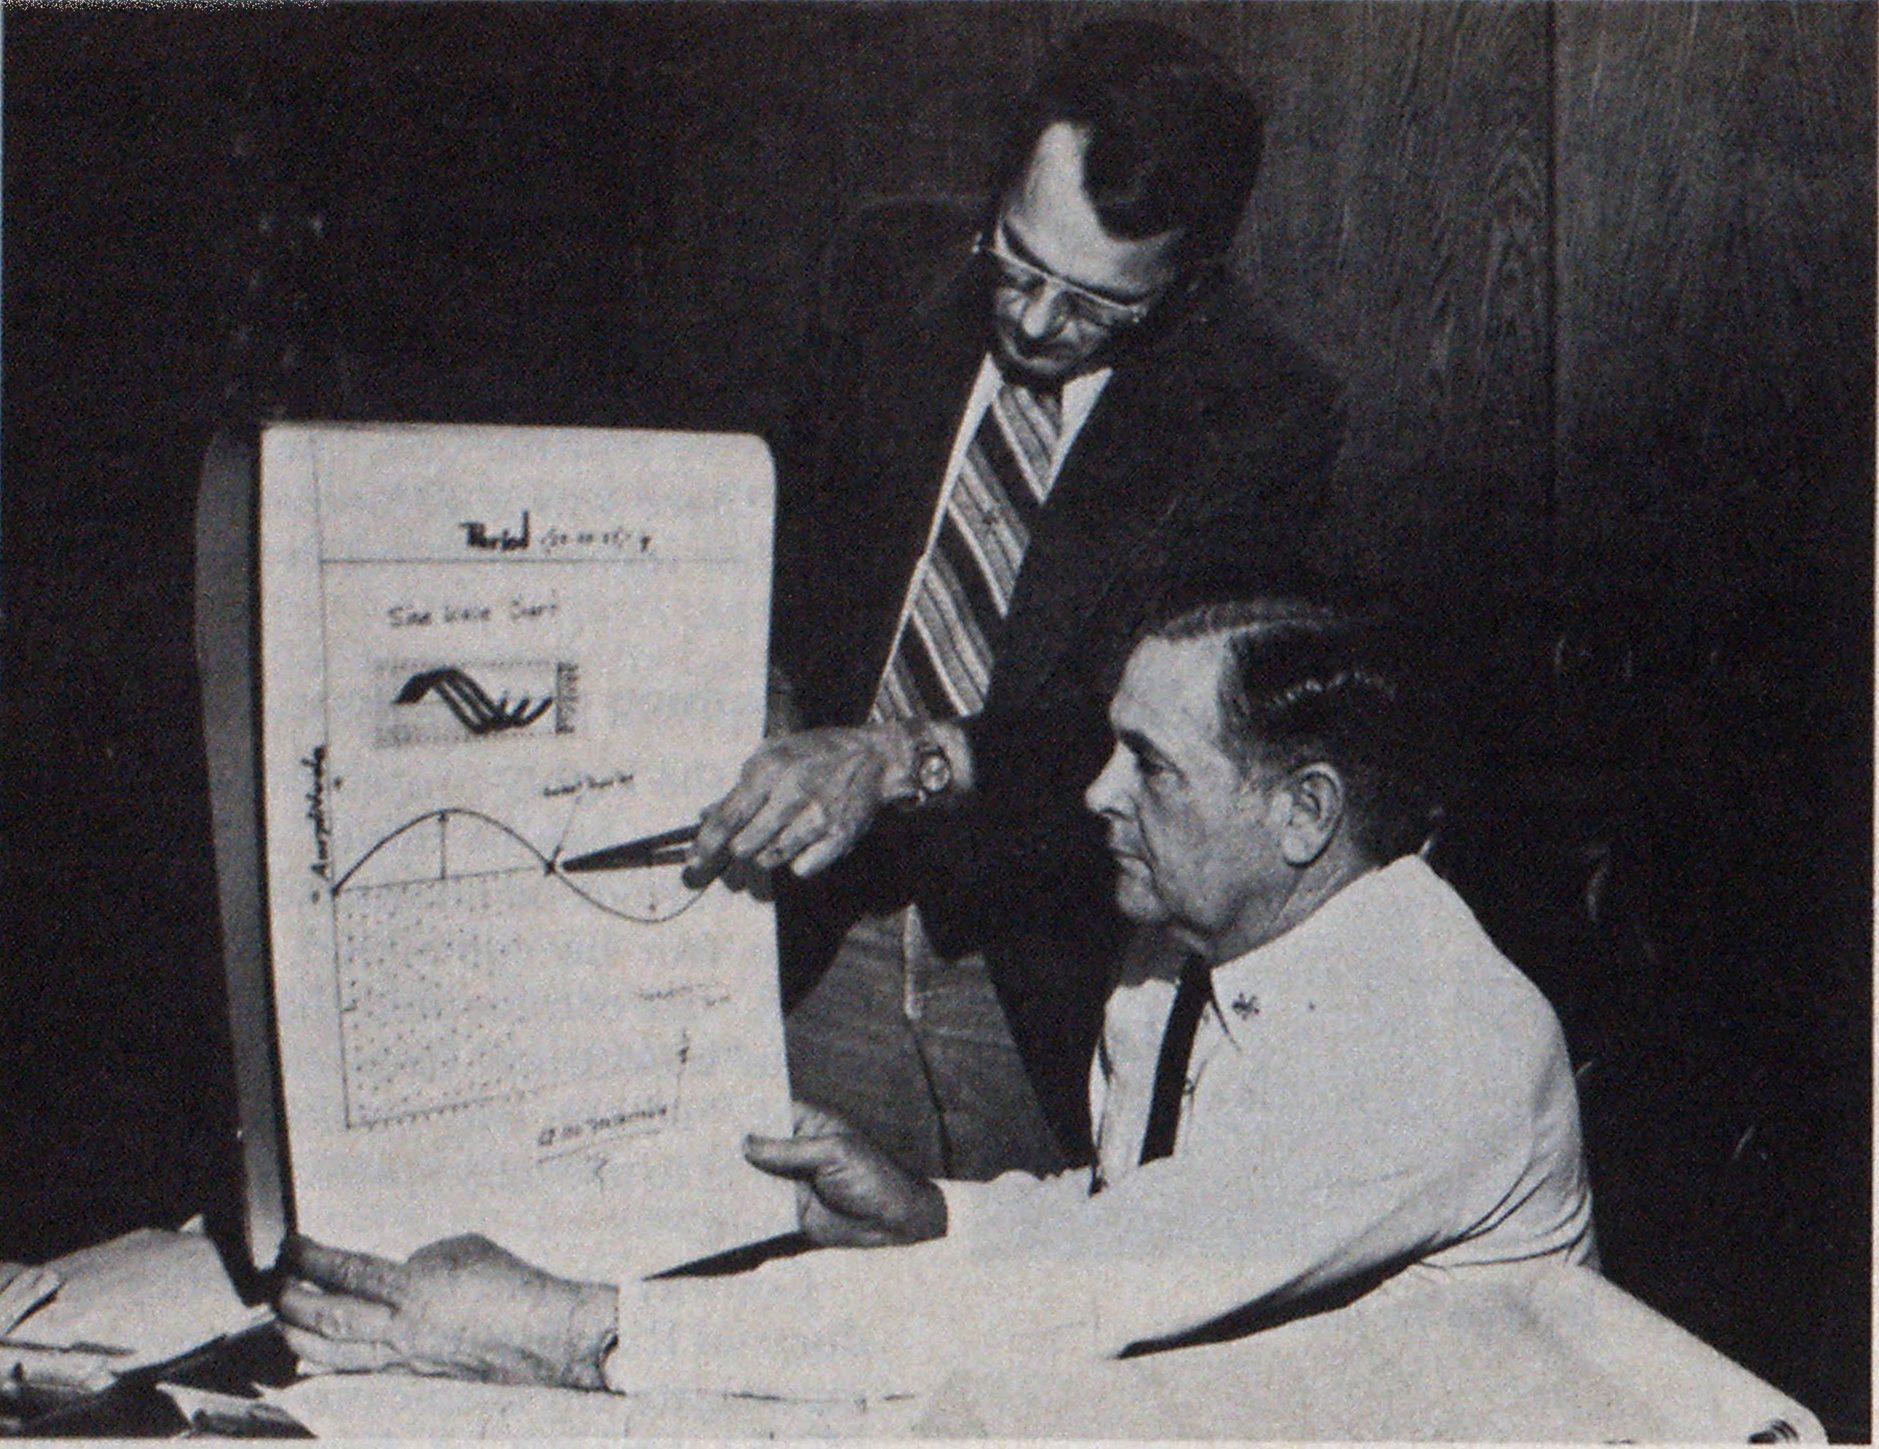 Bioritmuri utilizate în Denver, in anii 1970, pentru studiul accidentelor, Sursa: Fire Engineering